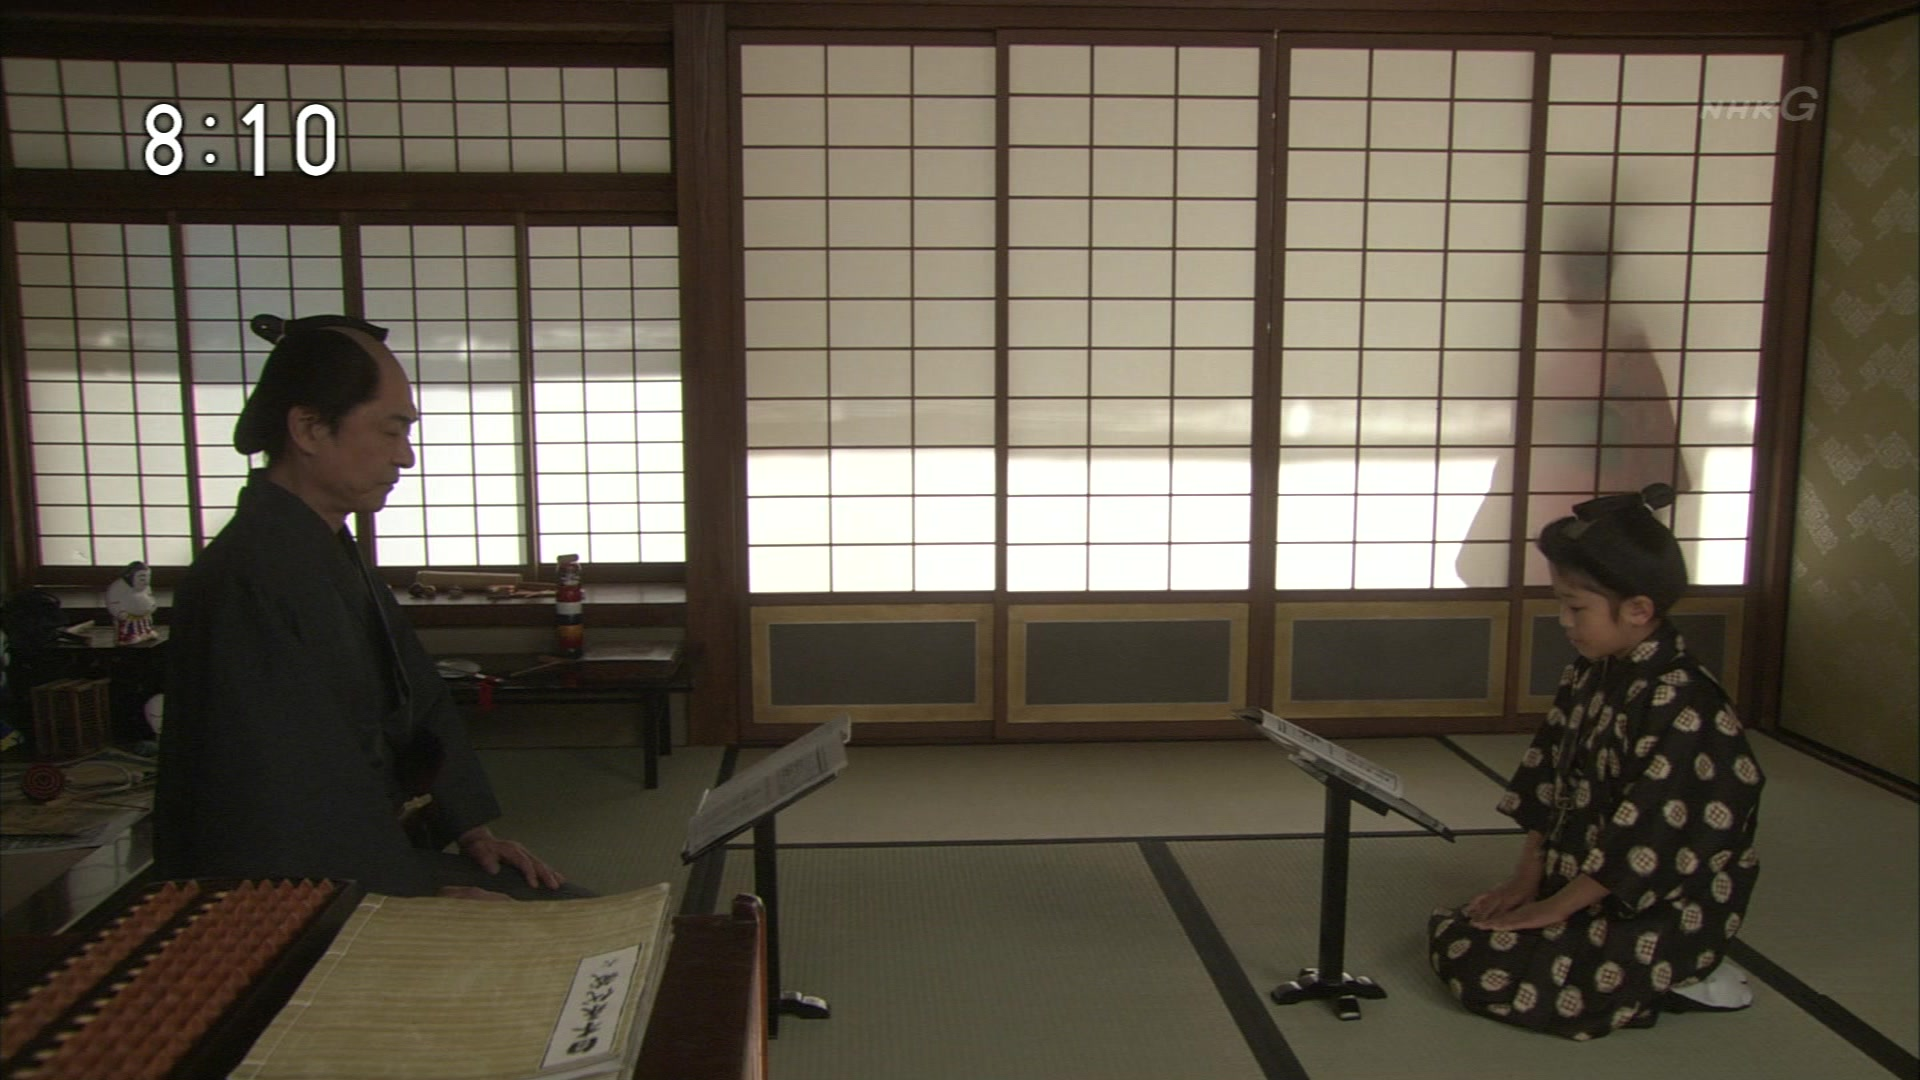 2015-09-28 08:00 連続テレビ小説 あさが来た(1)「小さな許嫁(いいなずけ)」 19648